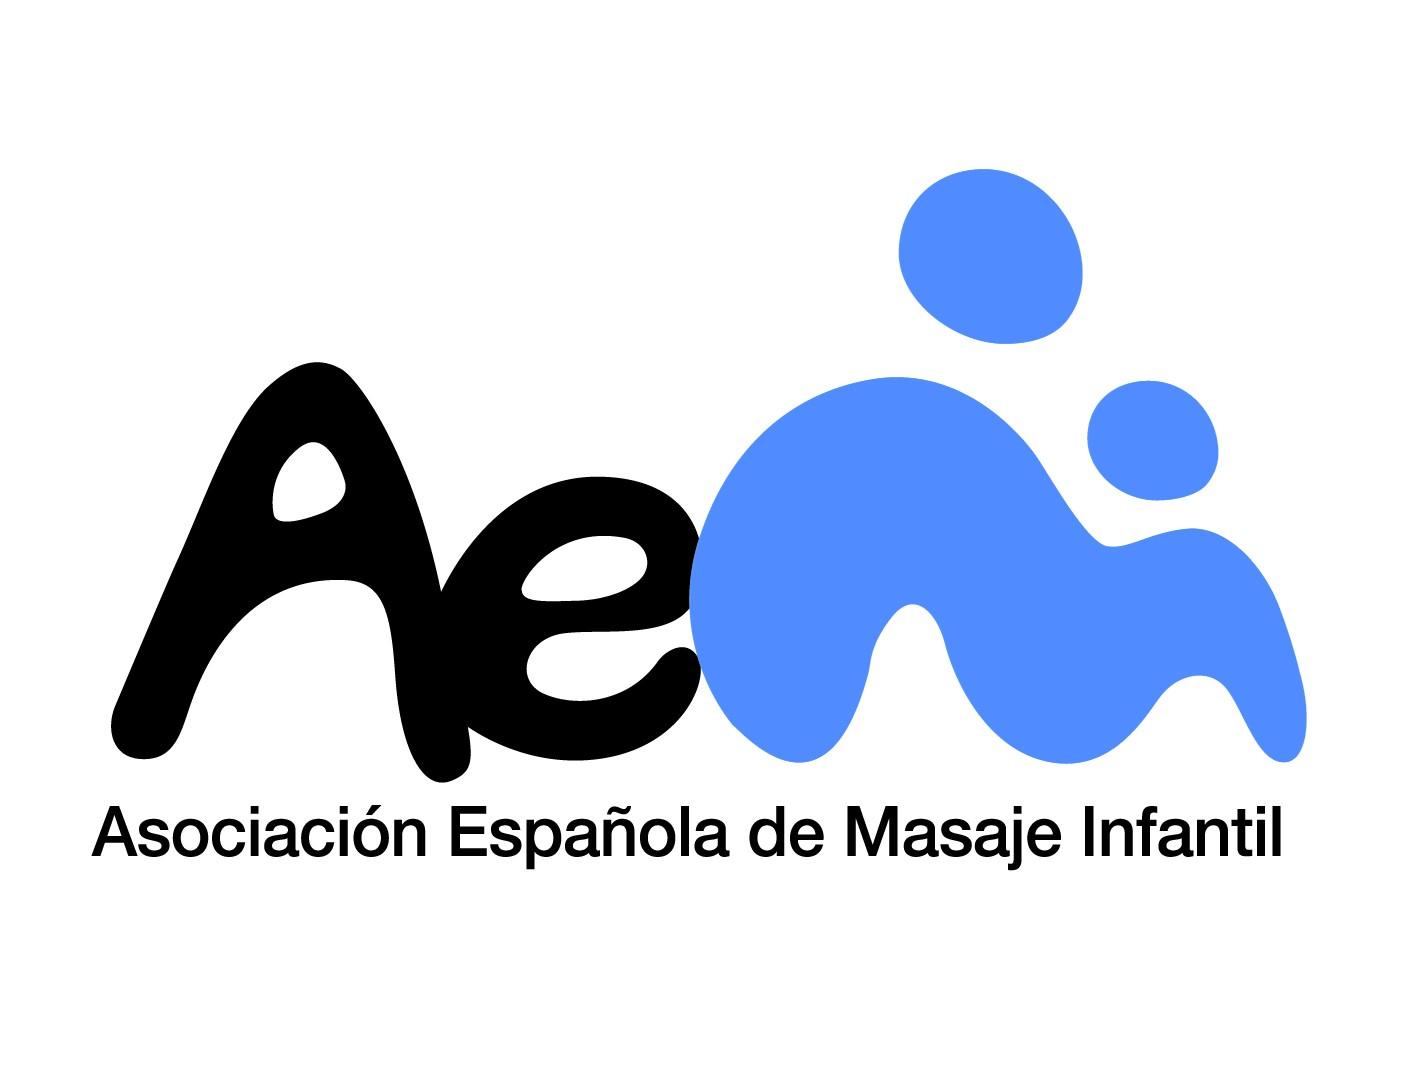 ASOCIACIÓN ESPAÑOLA DEL MASAJE INFANTIL